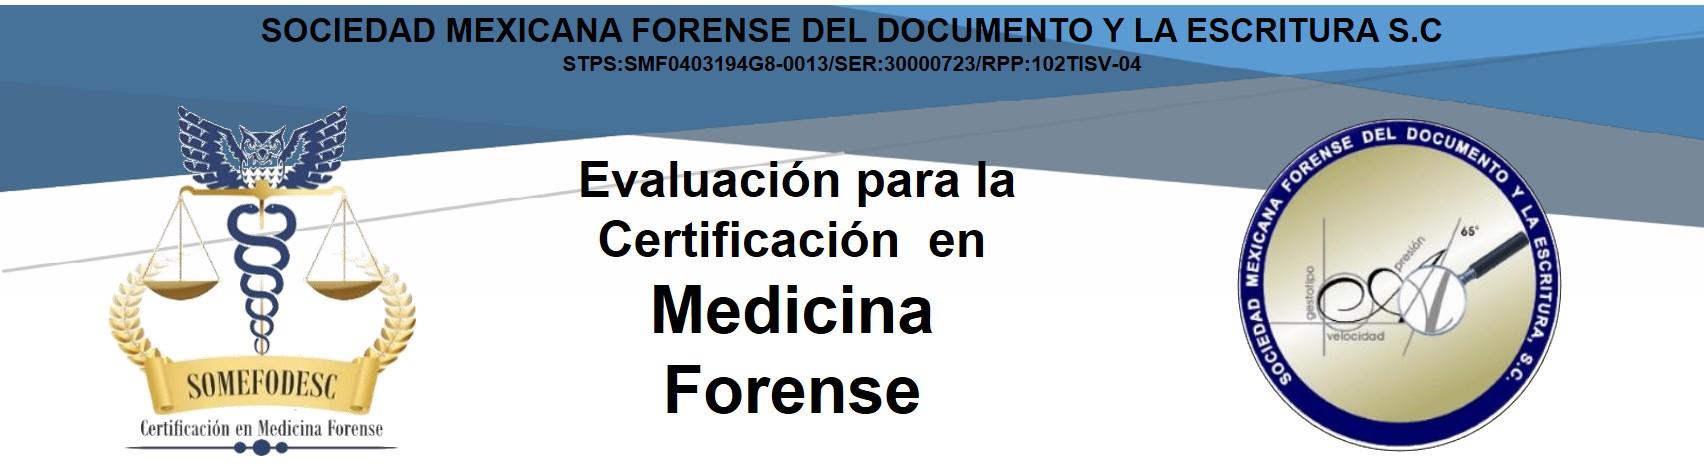 Evaluación para la Certificación Pericial en Medicina Forense